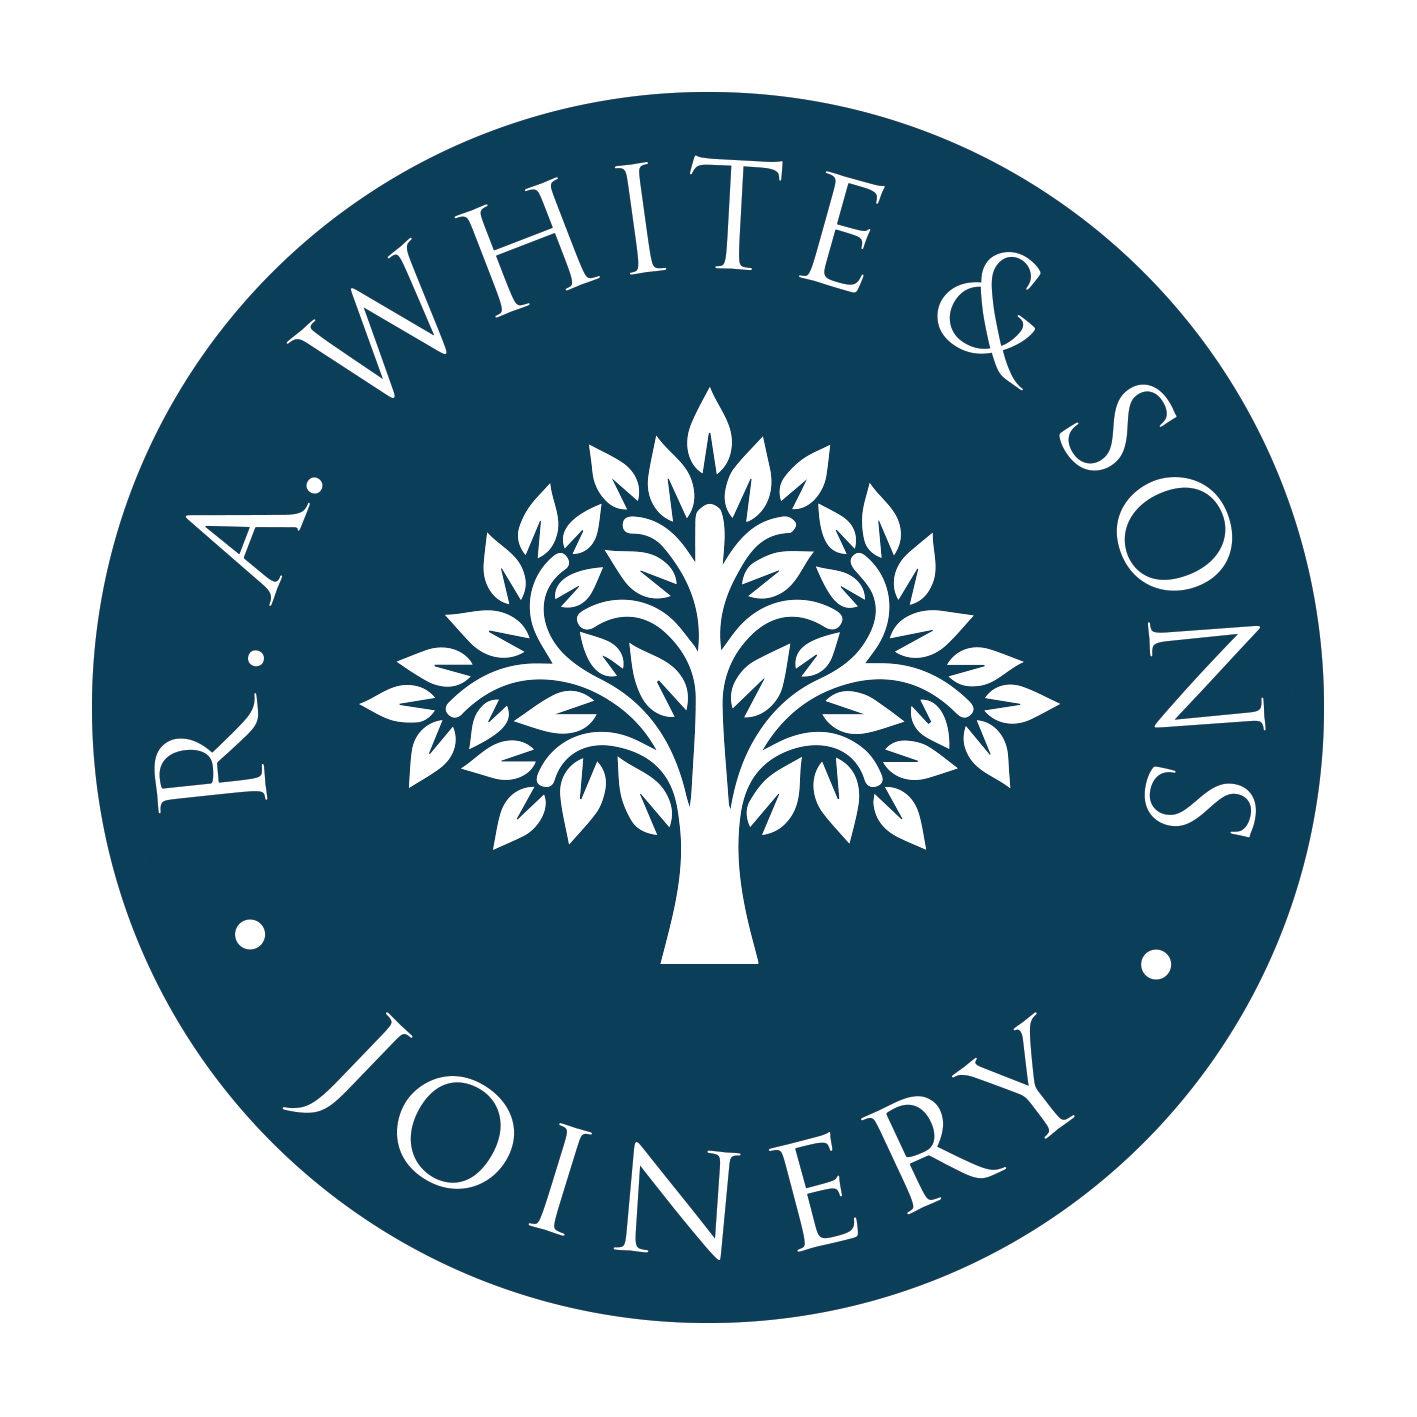 R.A. White & Sons